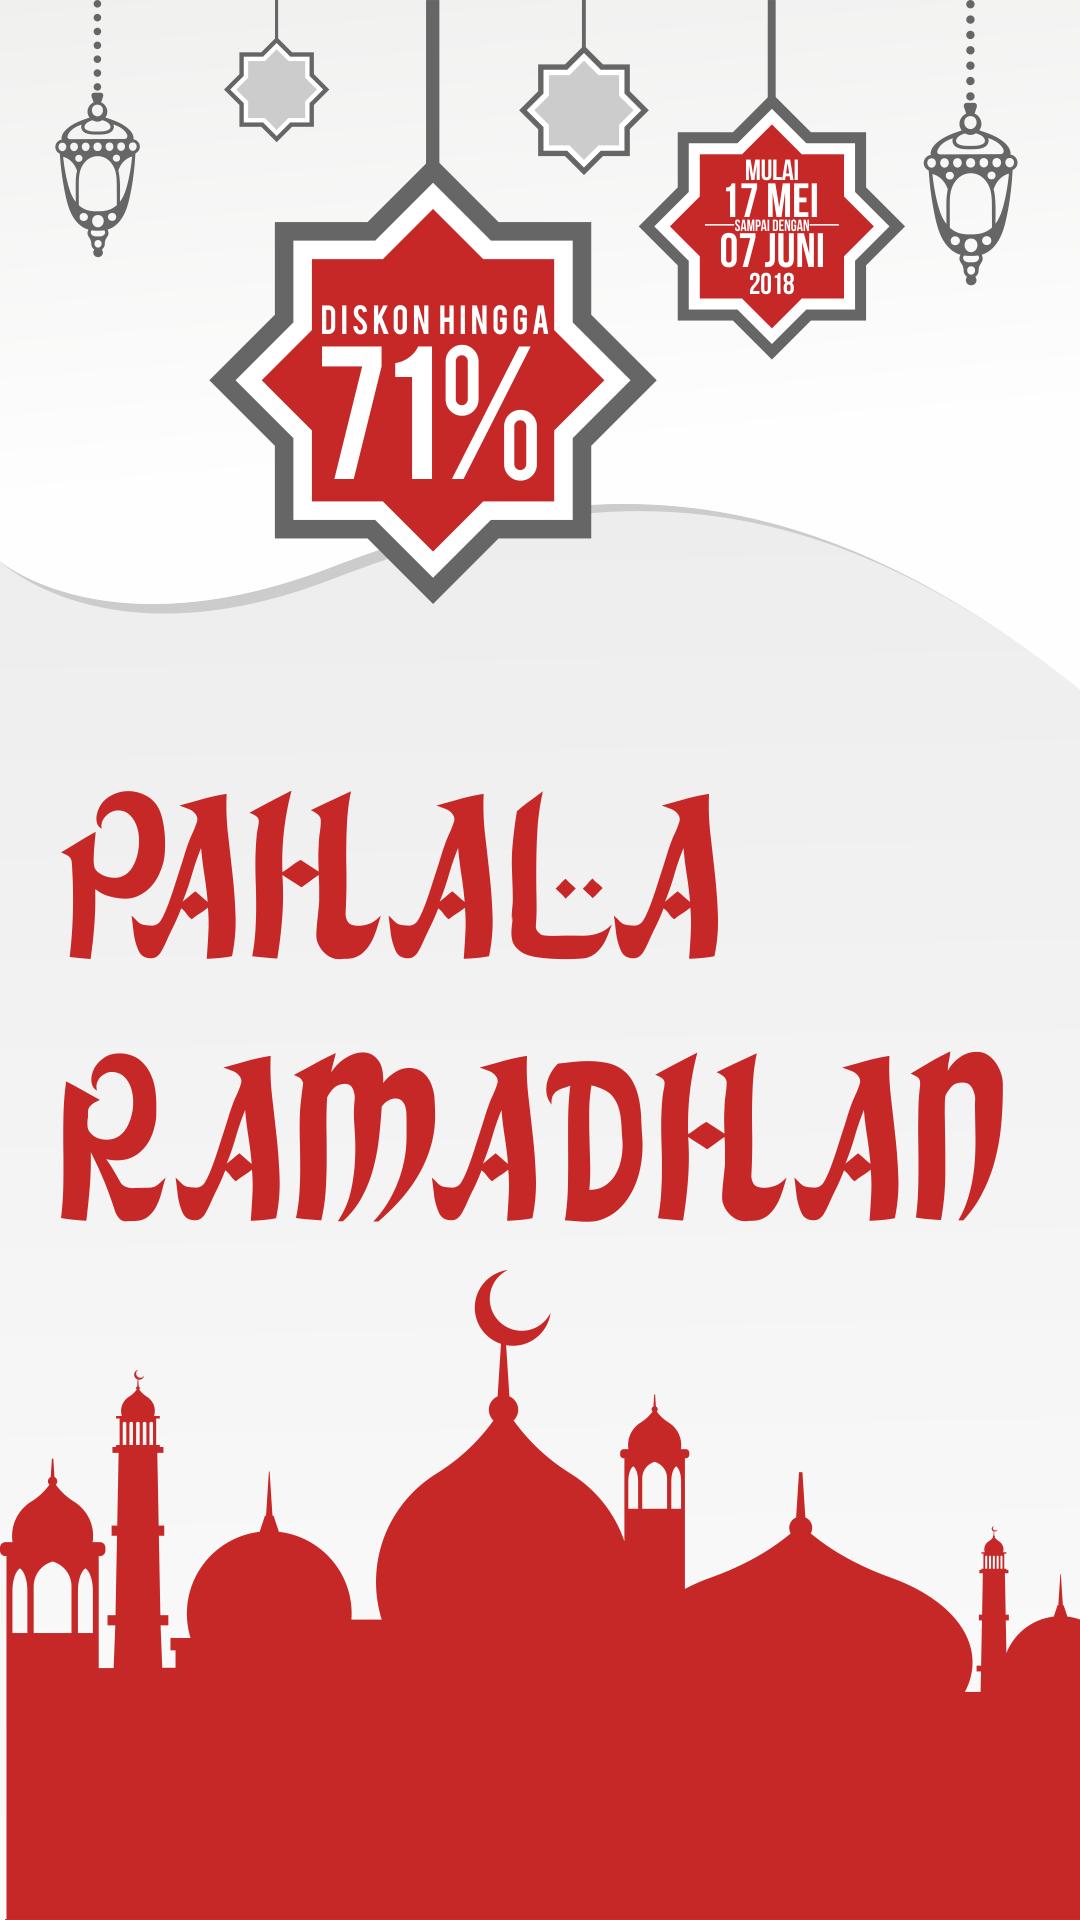 Marhaban ya Ramadhan Nikmati diskon spesial bulan puasa hingga dengan produk pilihan